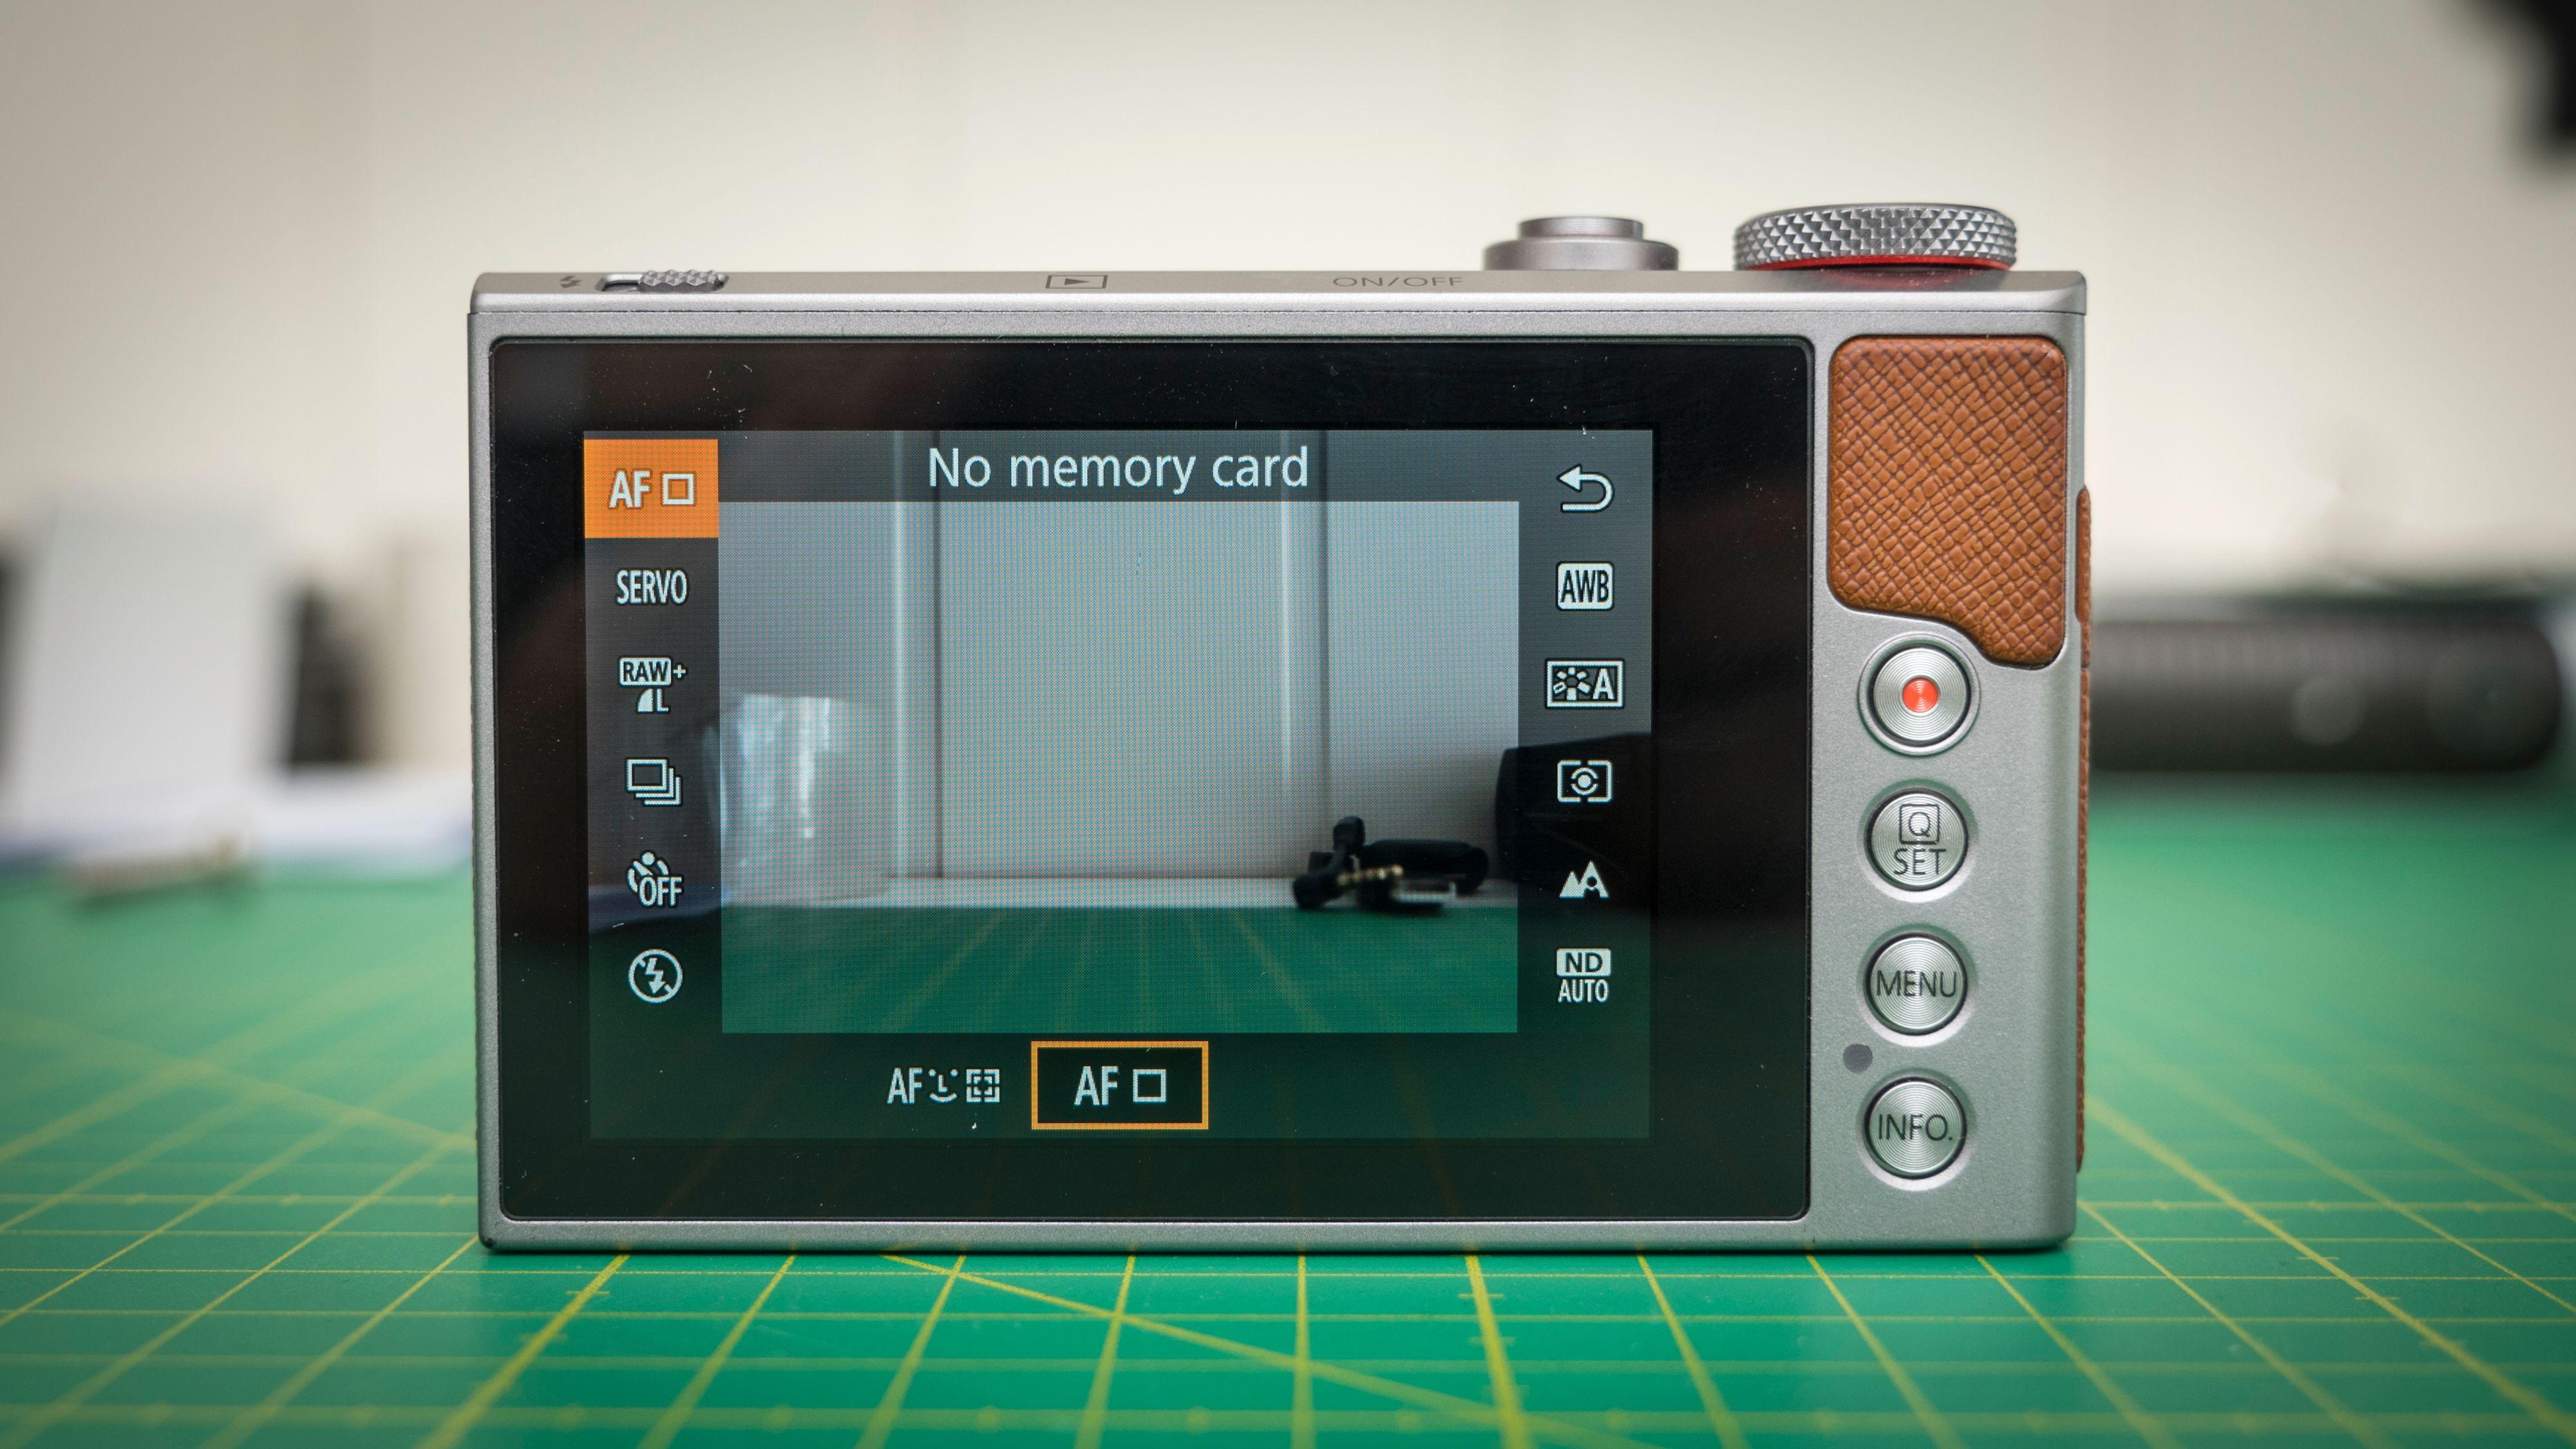 Canon legger i stor grad opp til at kameraet skal betjenes via berøringsskjermen.